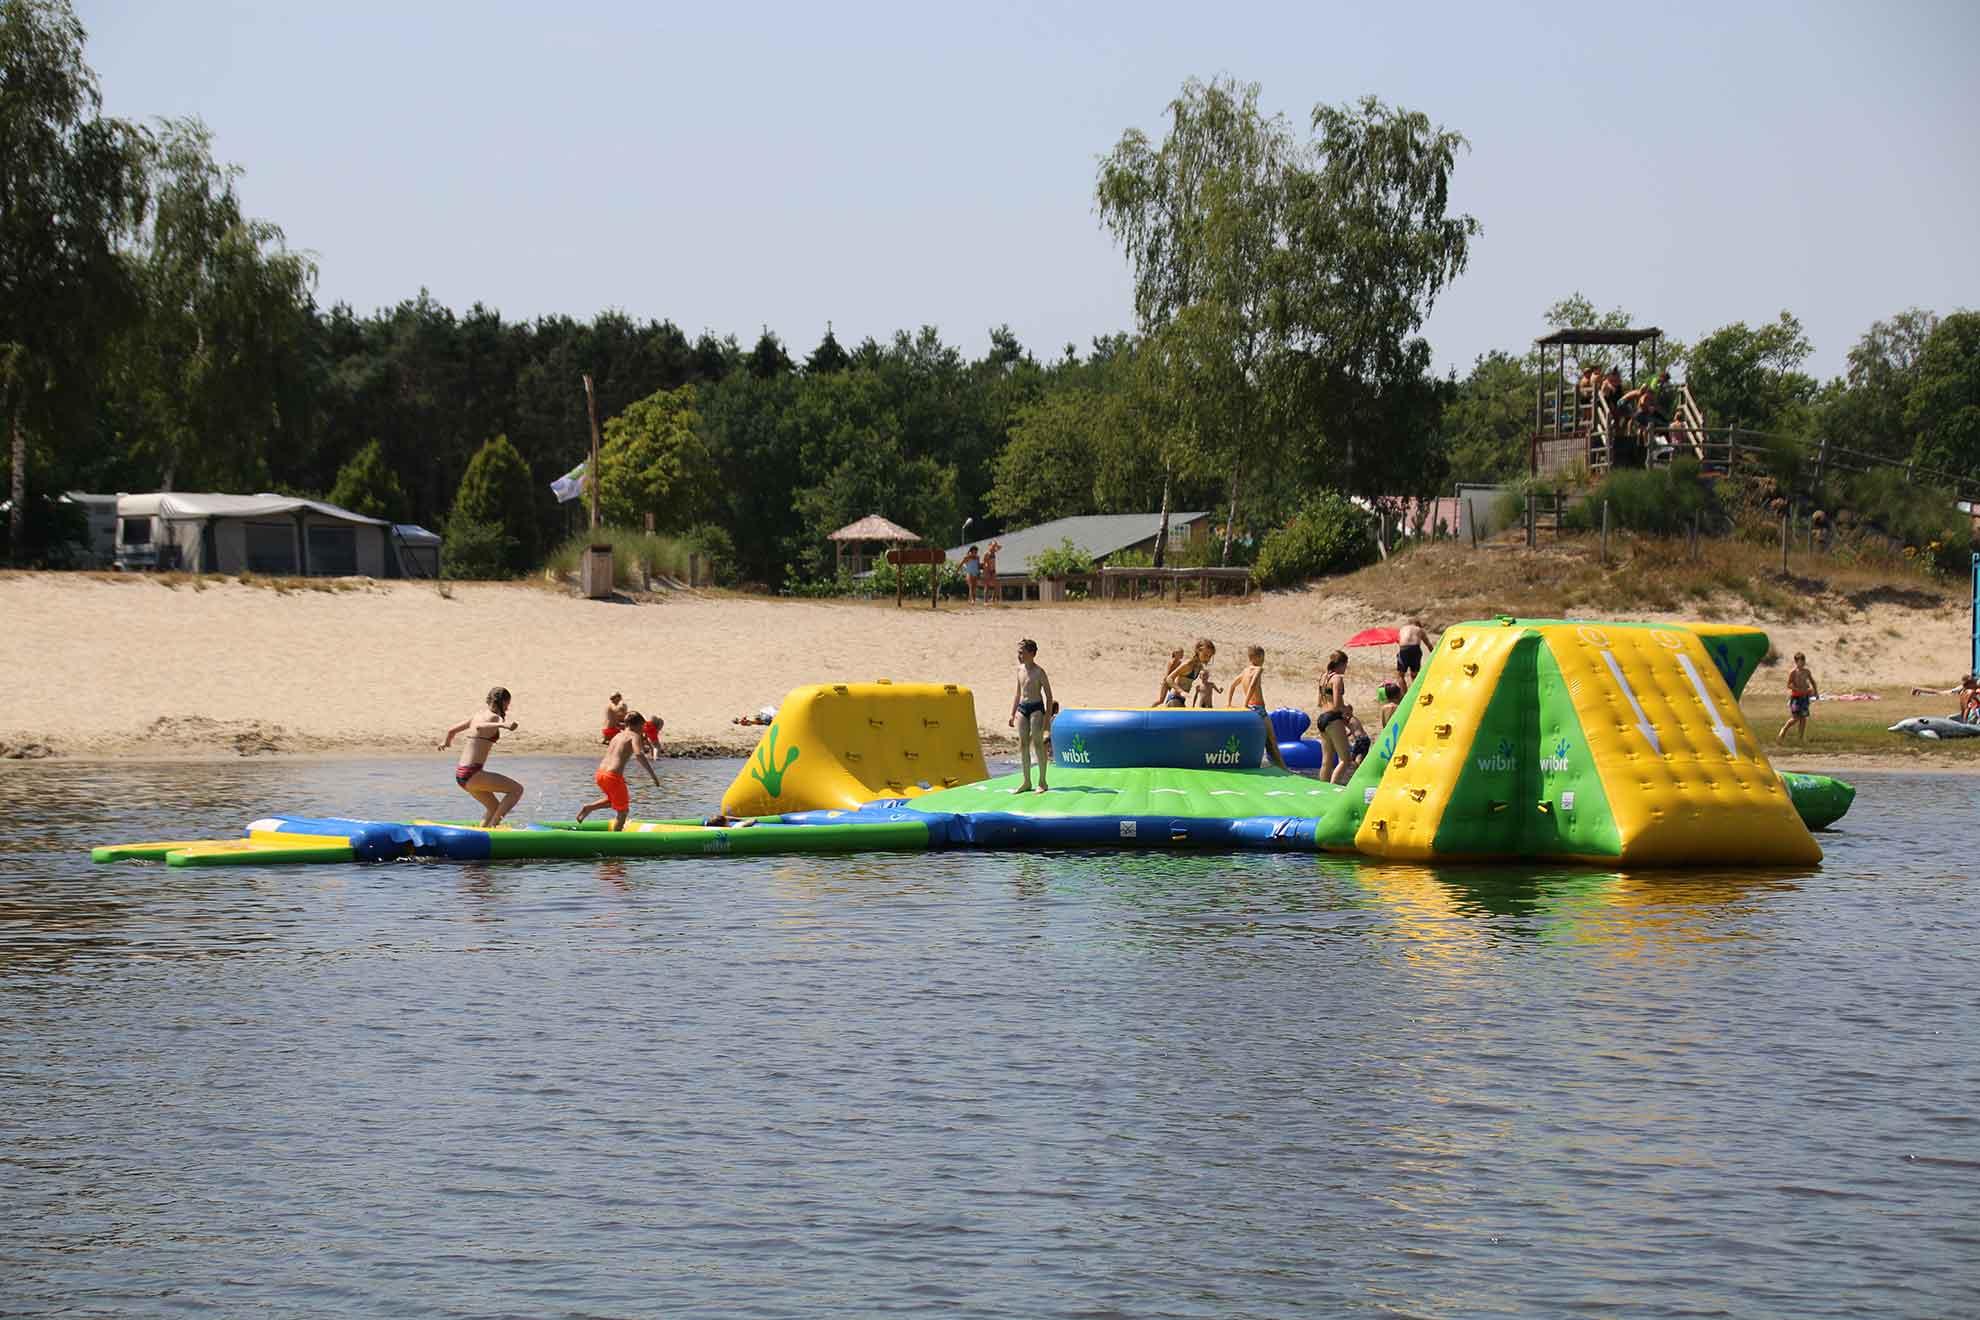 Camping vakantie in Overijssel op Capfun het Stoetenslagh - Camping vakantie in Overijssel voor gezinnen